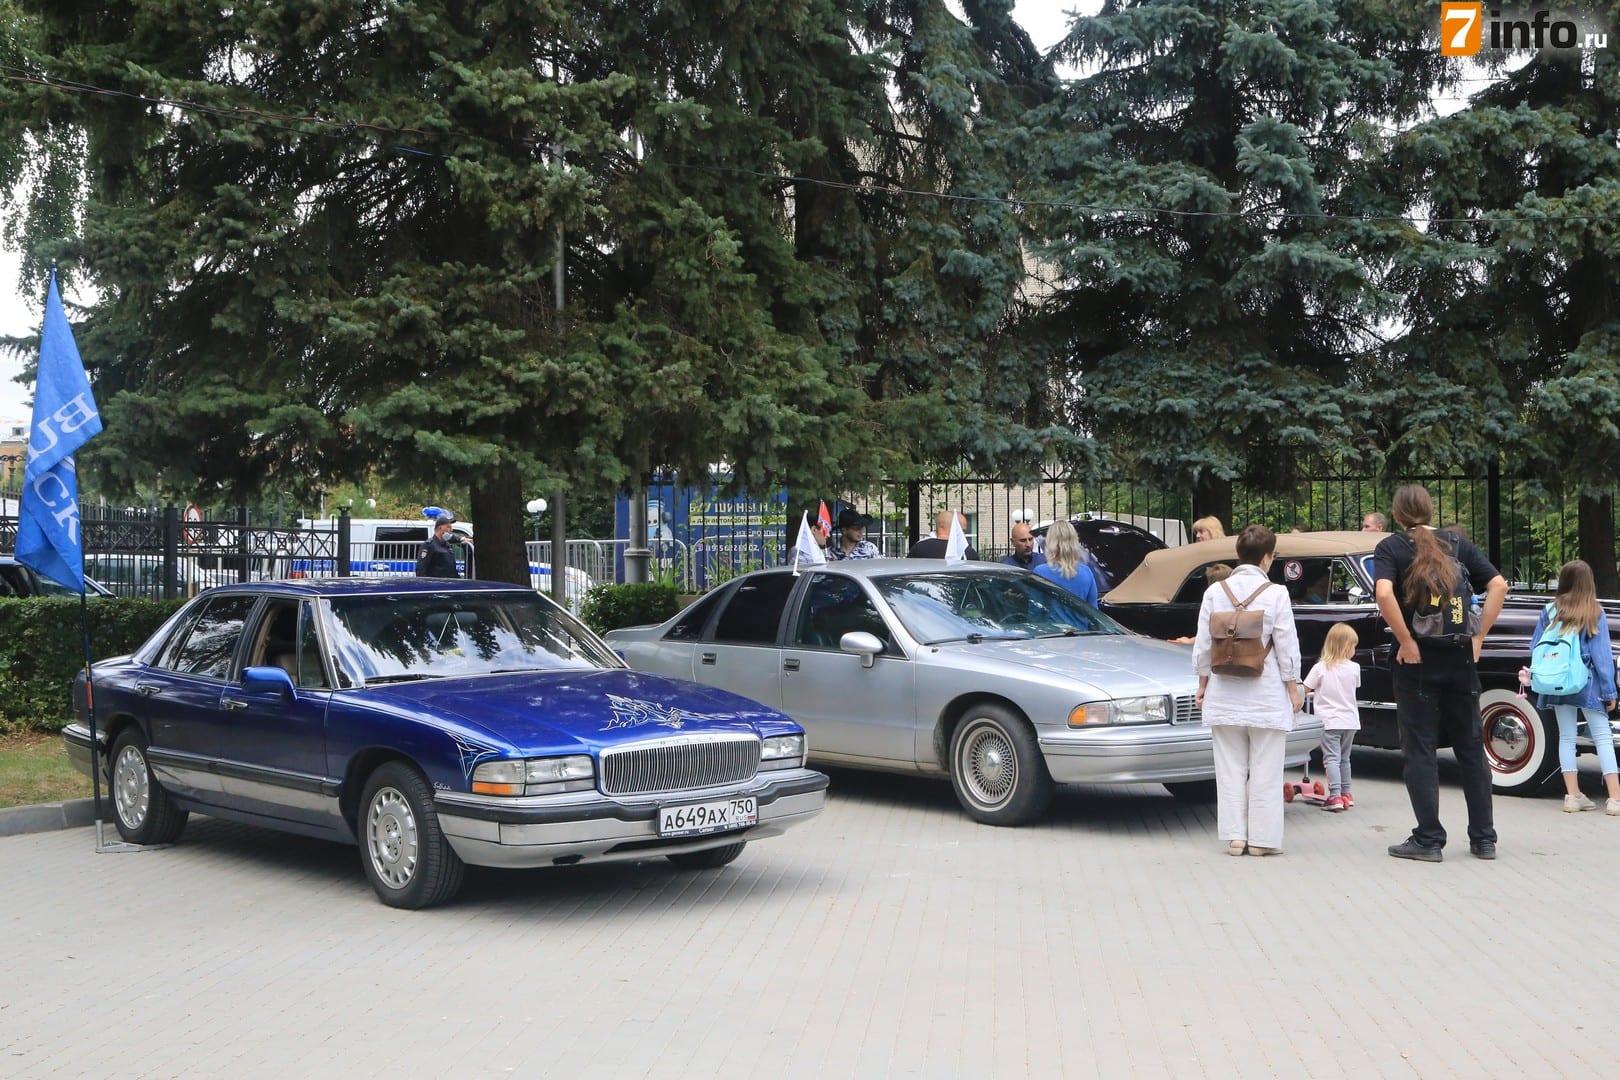 В Рязани проходит фестиваль ретротехники «Машина времени»